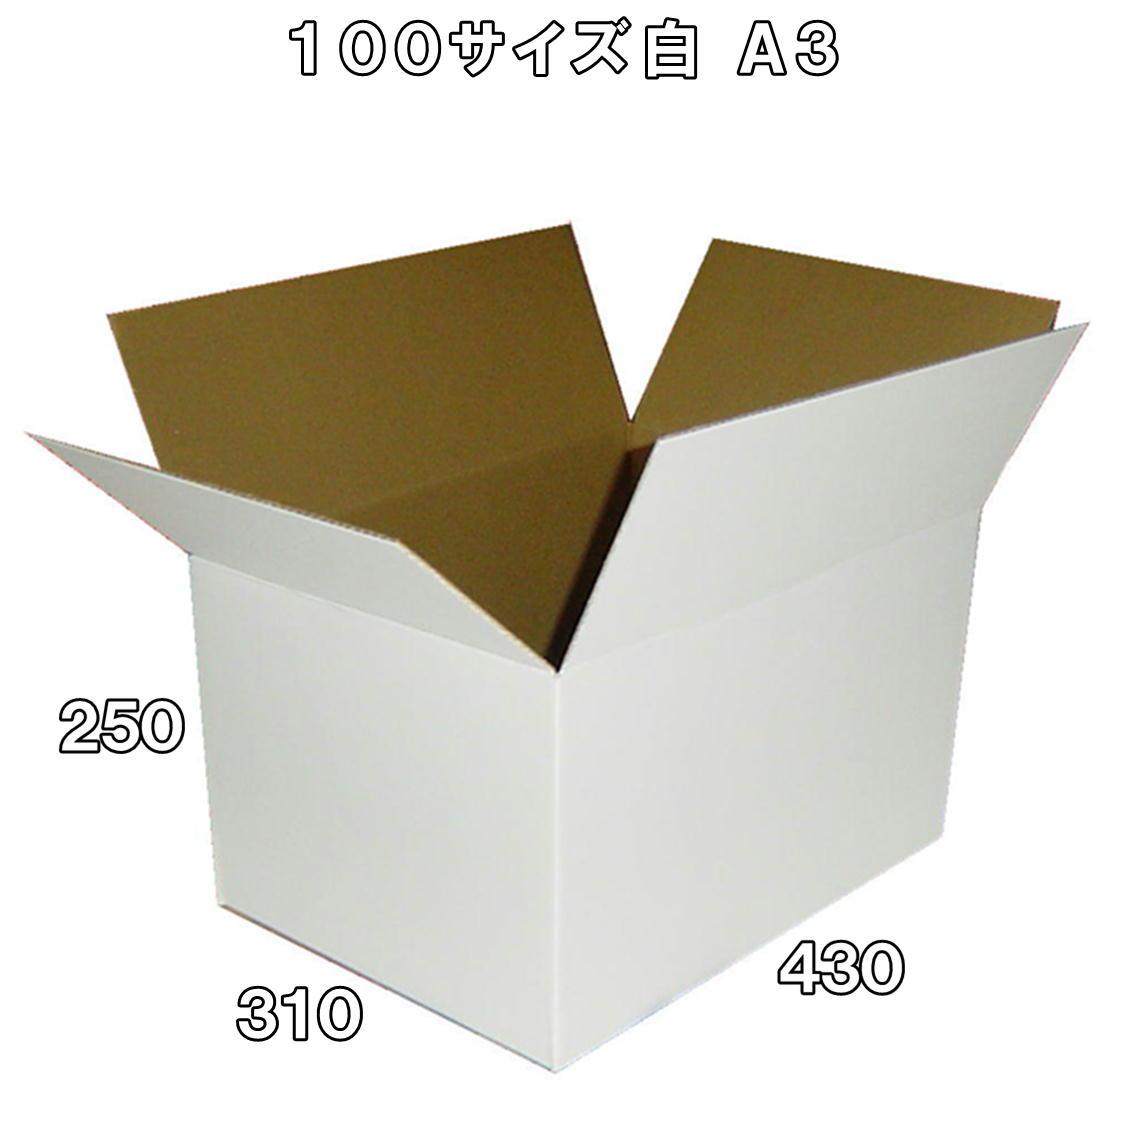 【送料無料】100サイズ激安白ダンボール箱A3 10枚 便利線入り※西濃運輸での配送となります※※沖縄と離島は対象外です※段ボール ダンボール箱 段ボール箱 ダンボール だんボール 送料込み